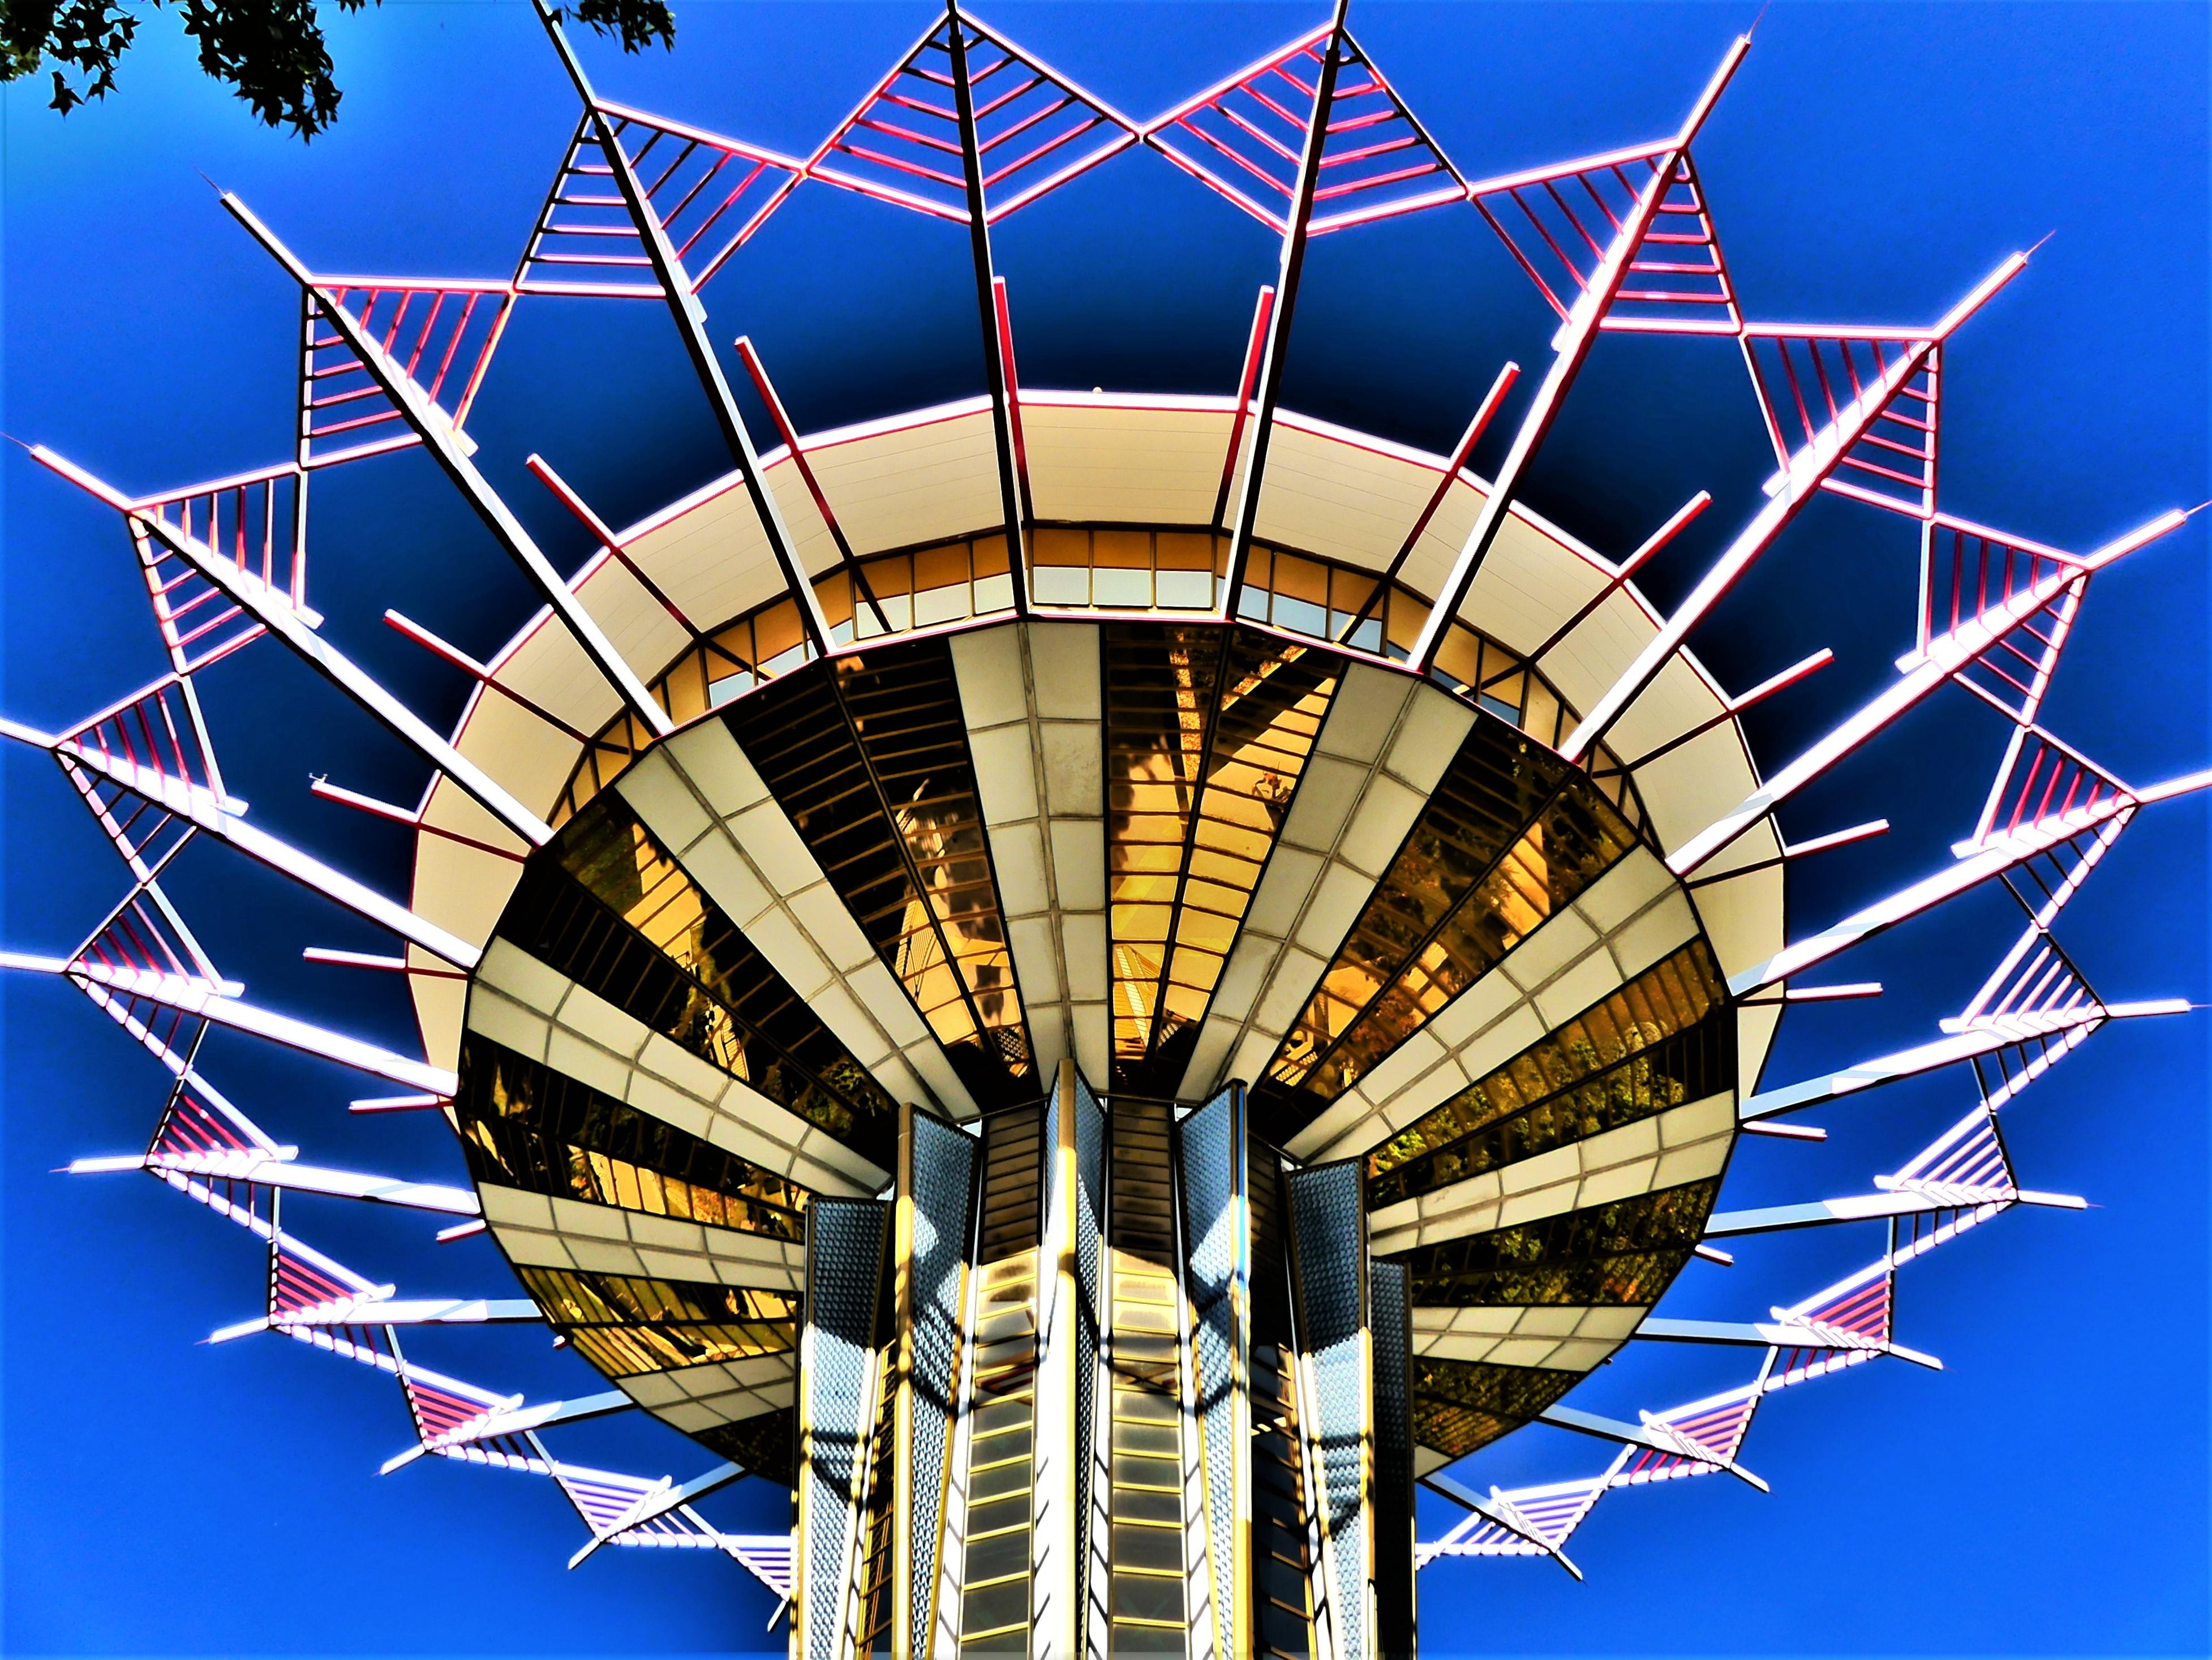 ORU observation deck